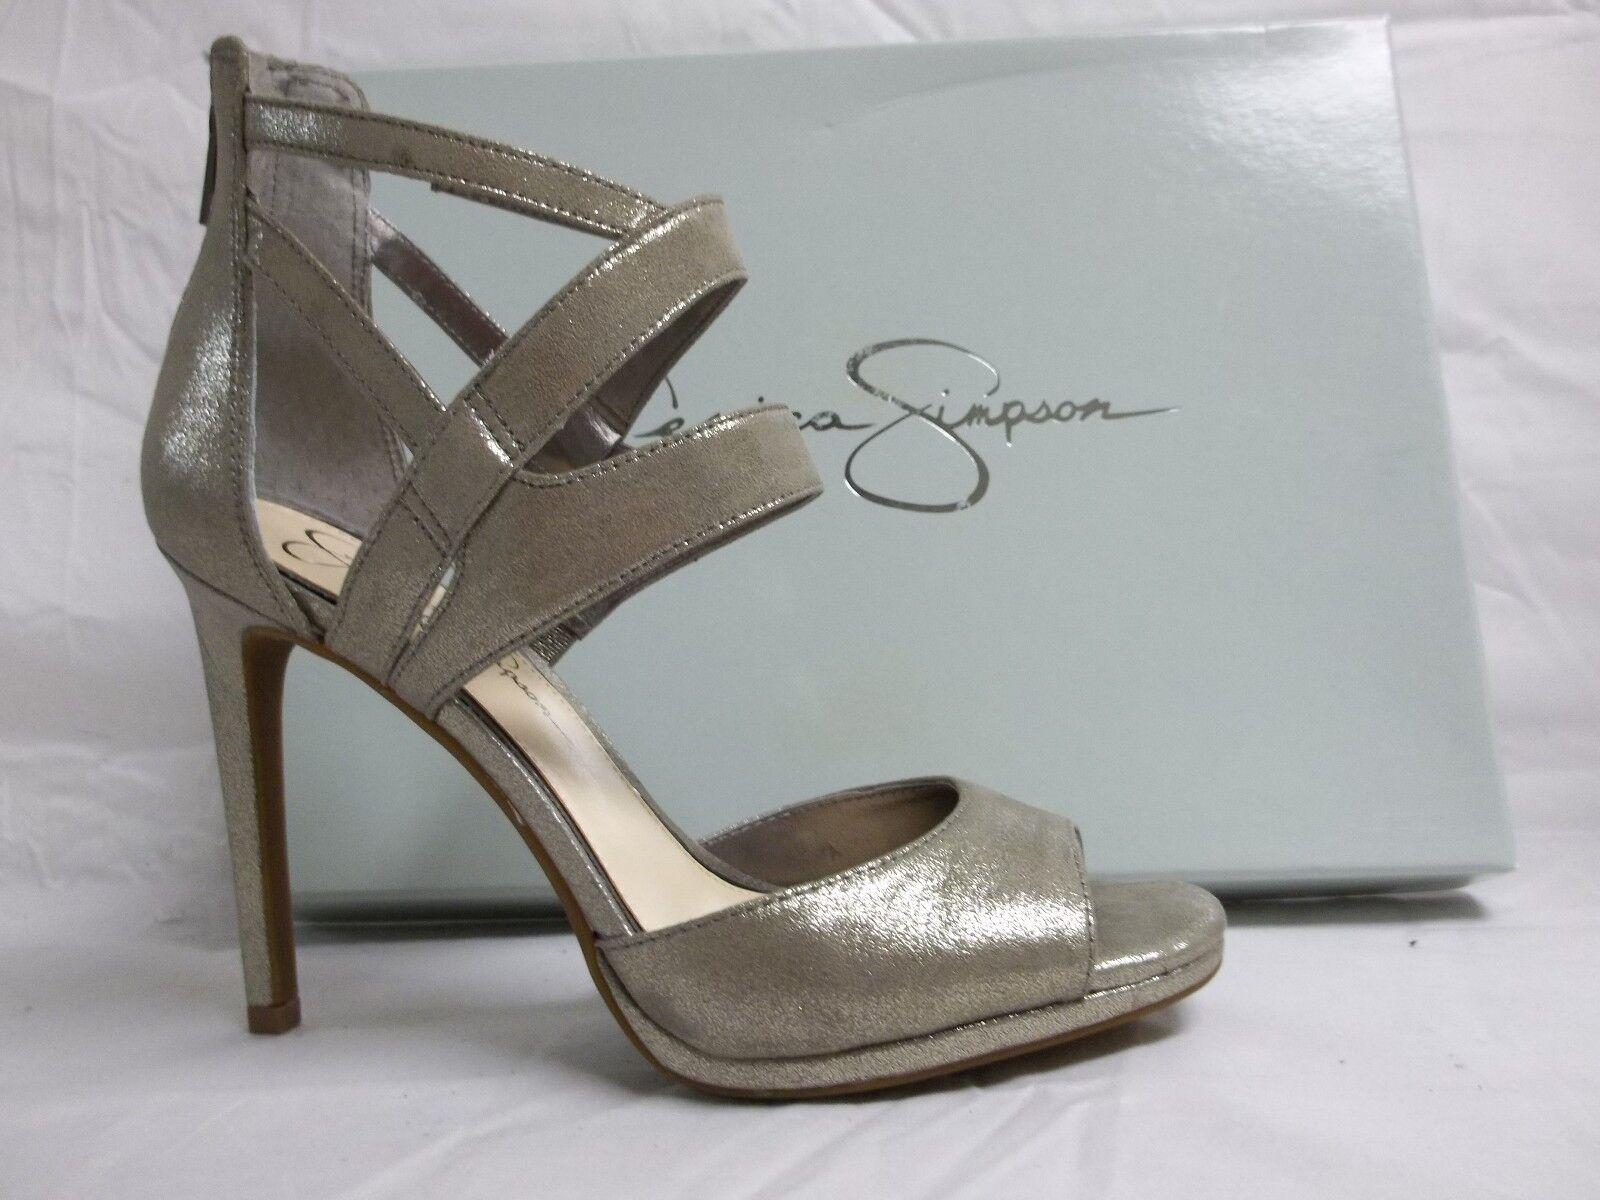 Jessica Simpson Größe 8.5 M Mariani Slate Open Toe Heels NEU Damenschuhe Schuhes